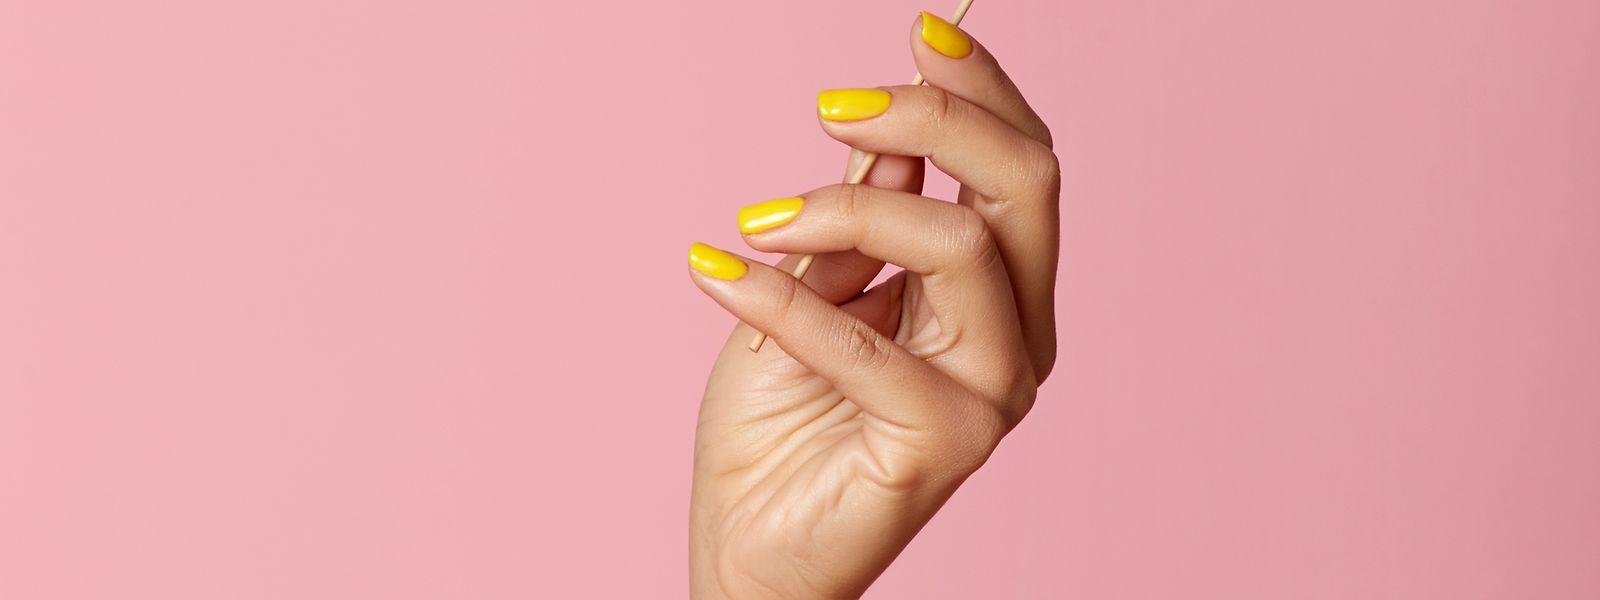 Hände werden tagtäglich strapaziert - man sollte ihnen deshalb die richtige Pflege gönnen.